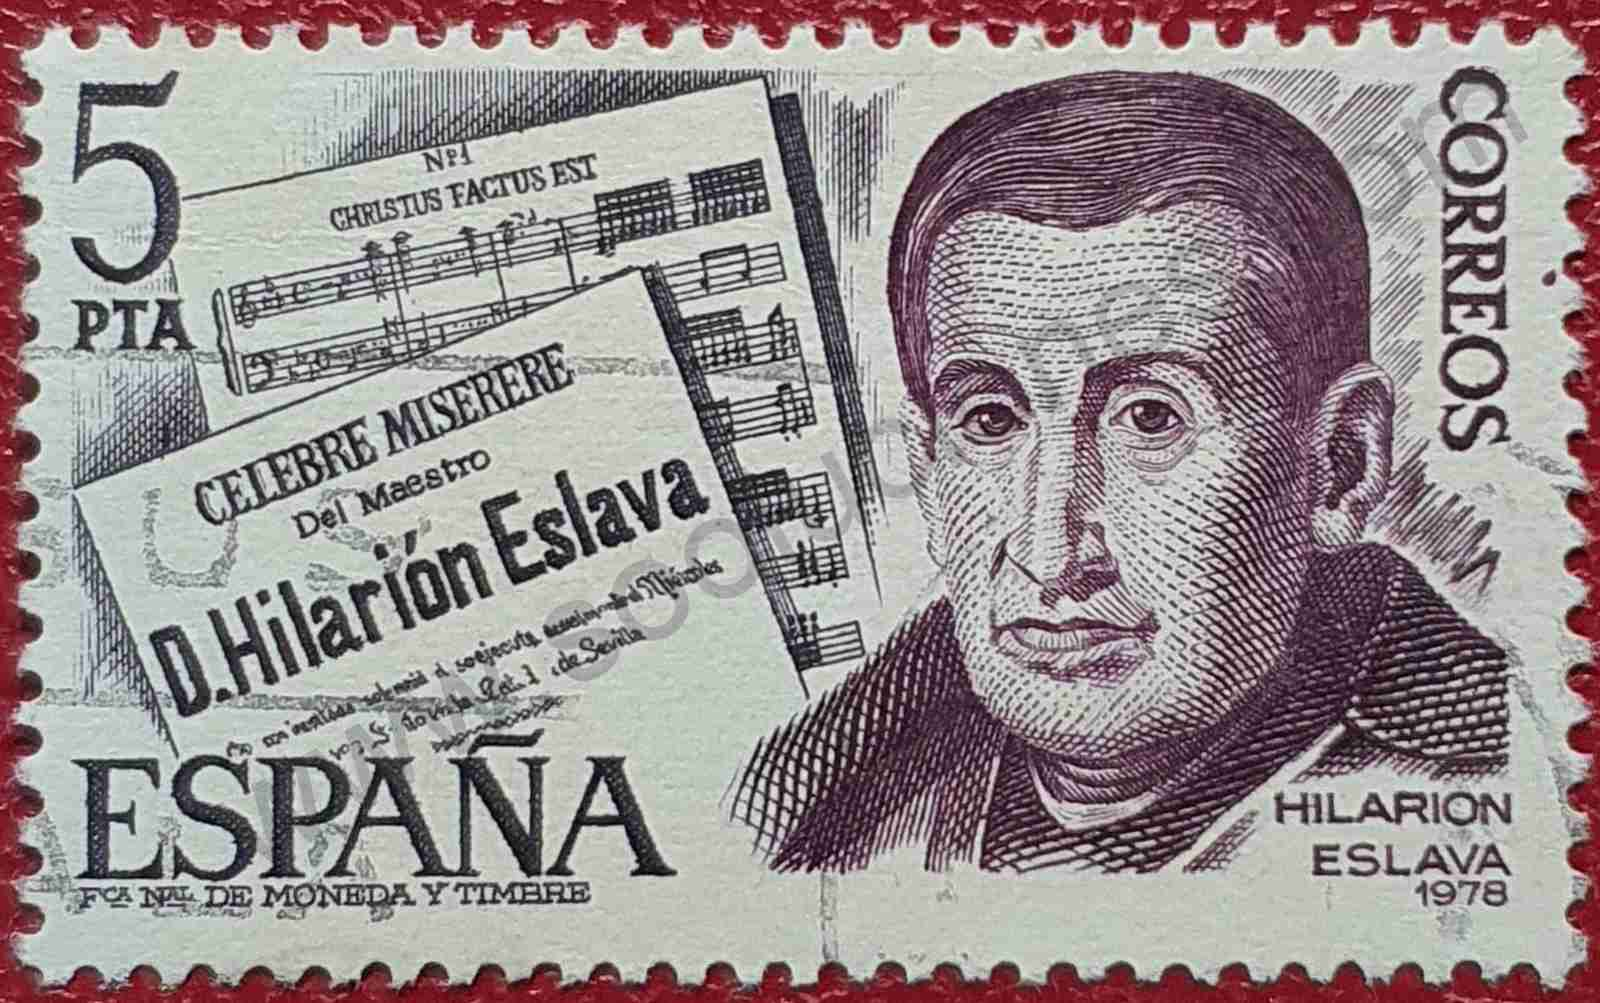 Sello Hilarión Eslava - España 1978